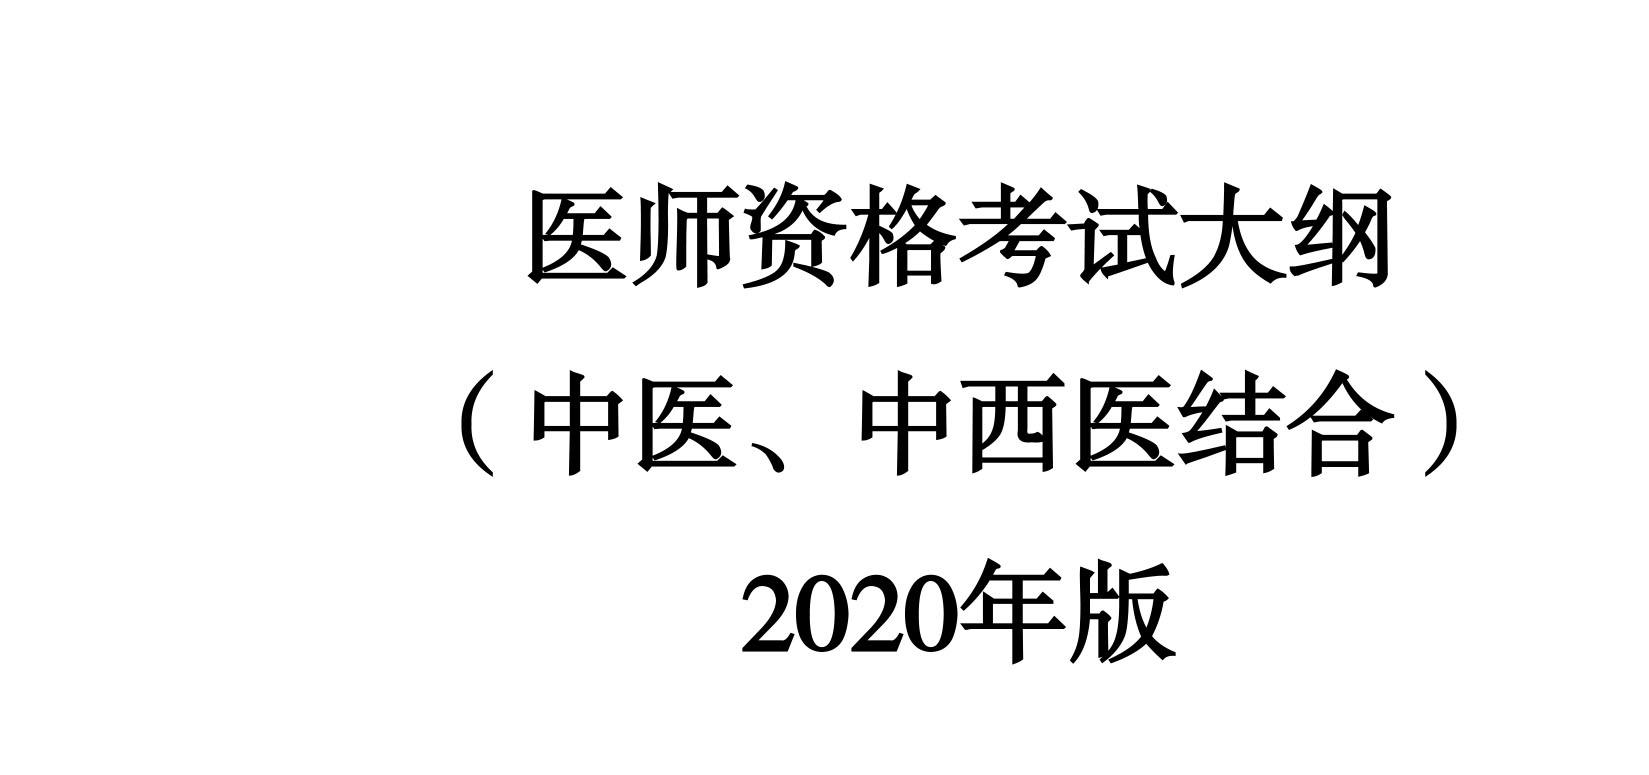 2020年版医师资格考试大纲(中医、中西医结合)发布!